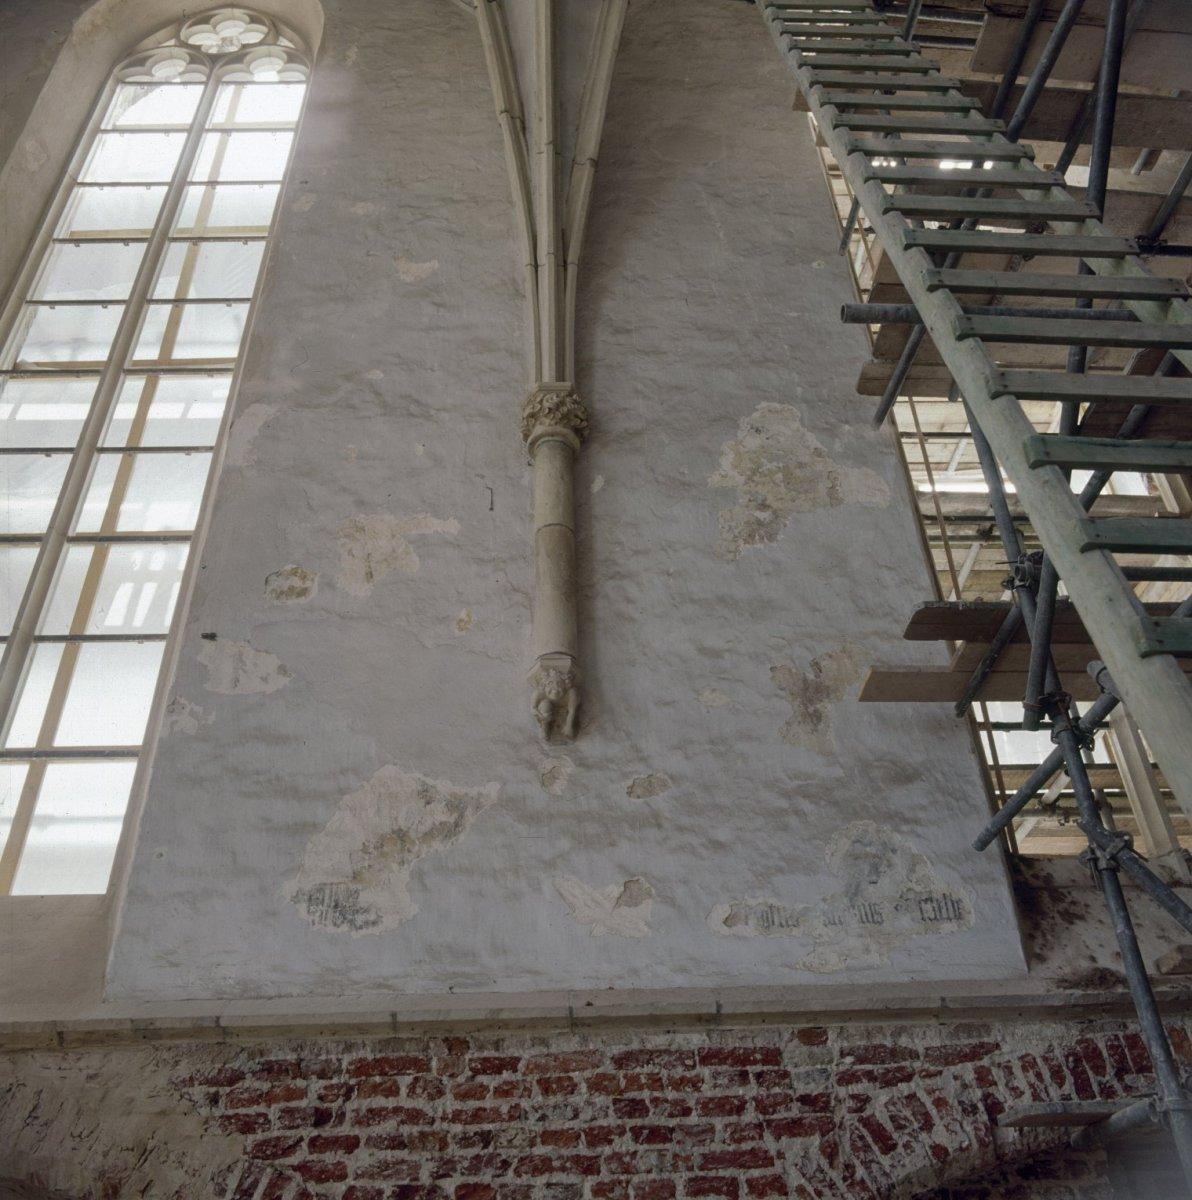 Bestand interieur muur met restanten van schilderingen tijdens restauratie eibergen - Interieur muur ...